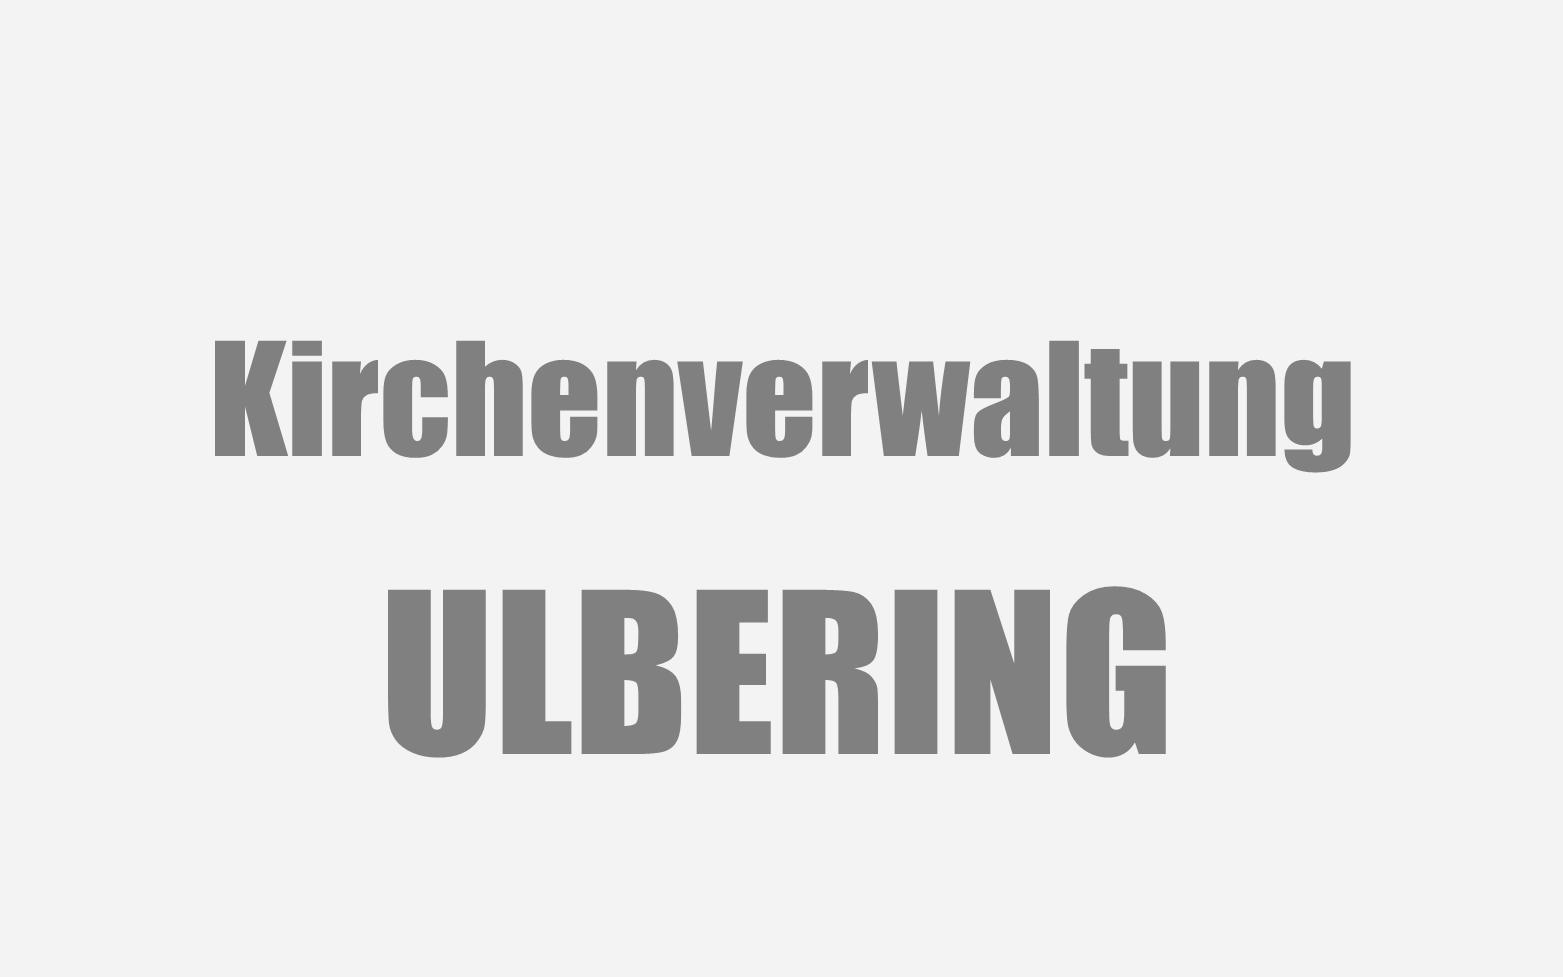 Ulbering Kirchenverwaltung Symbolbild